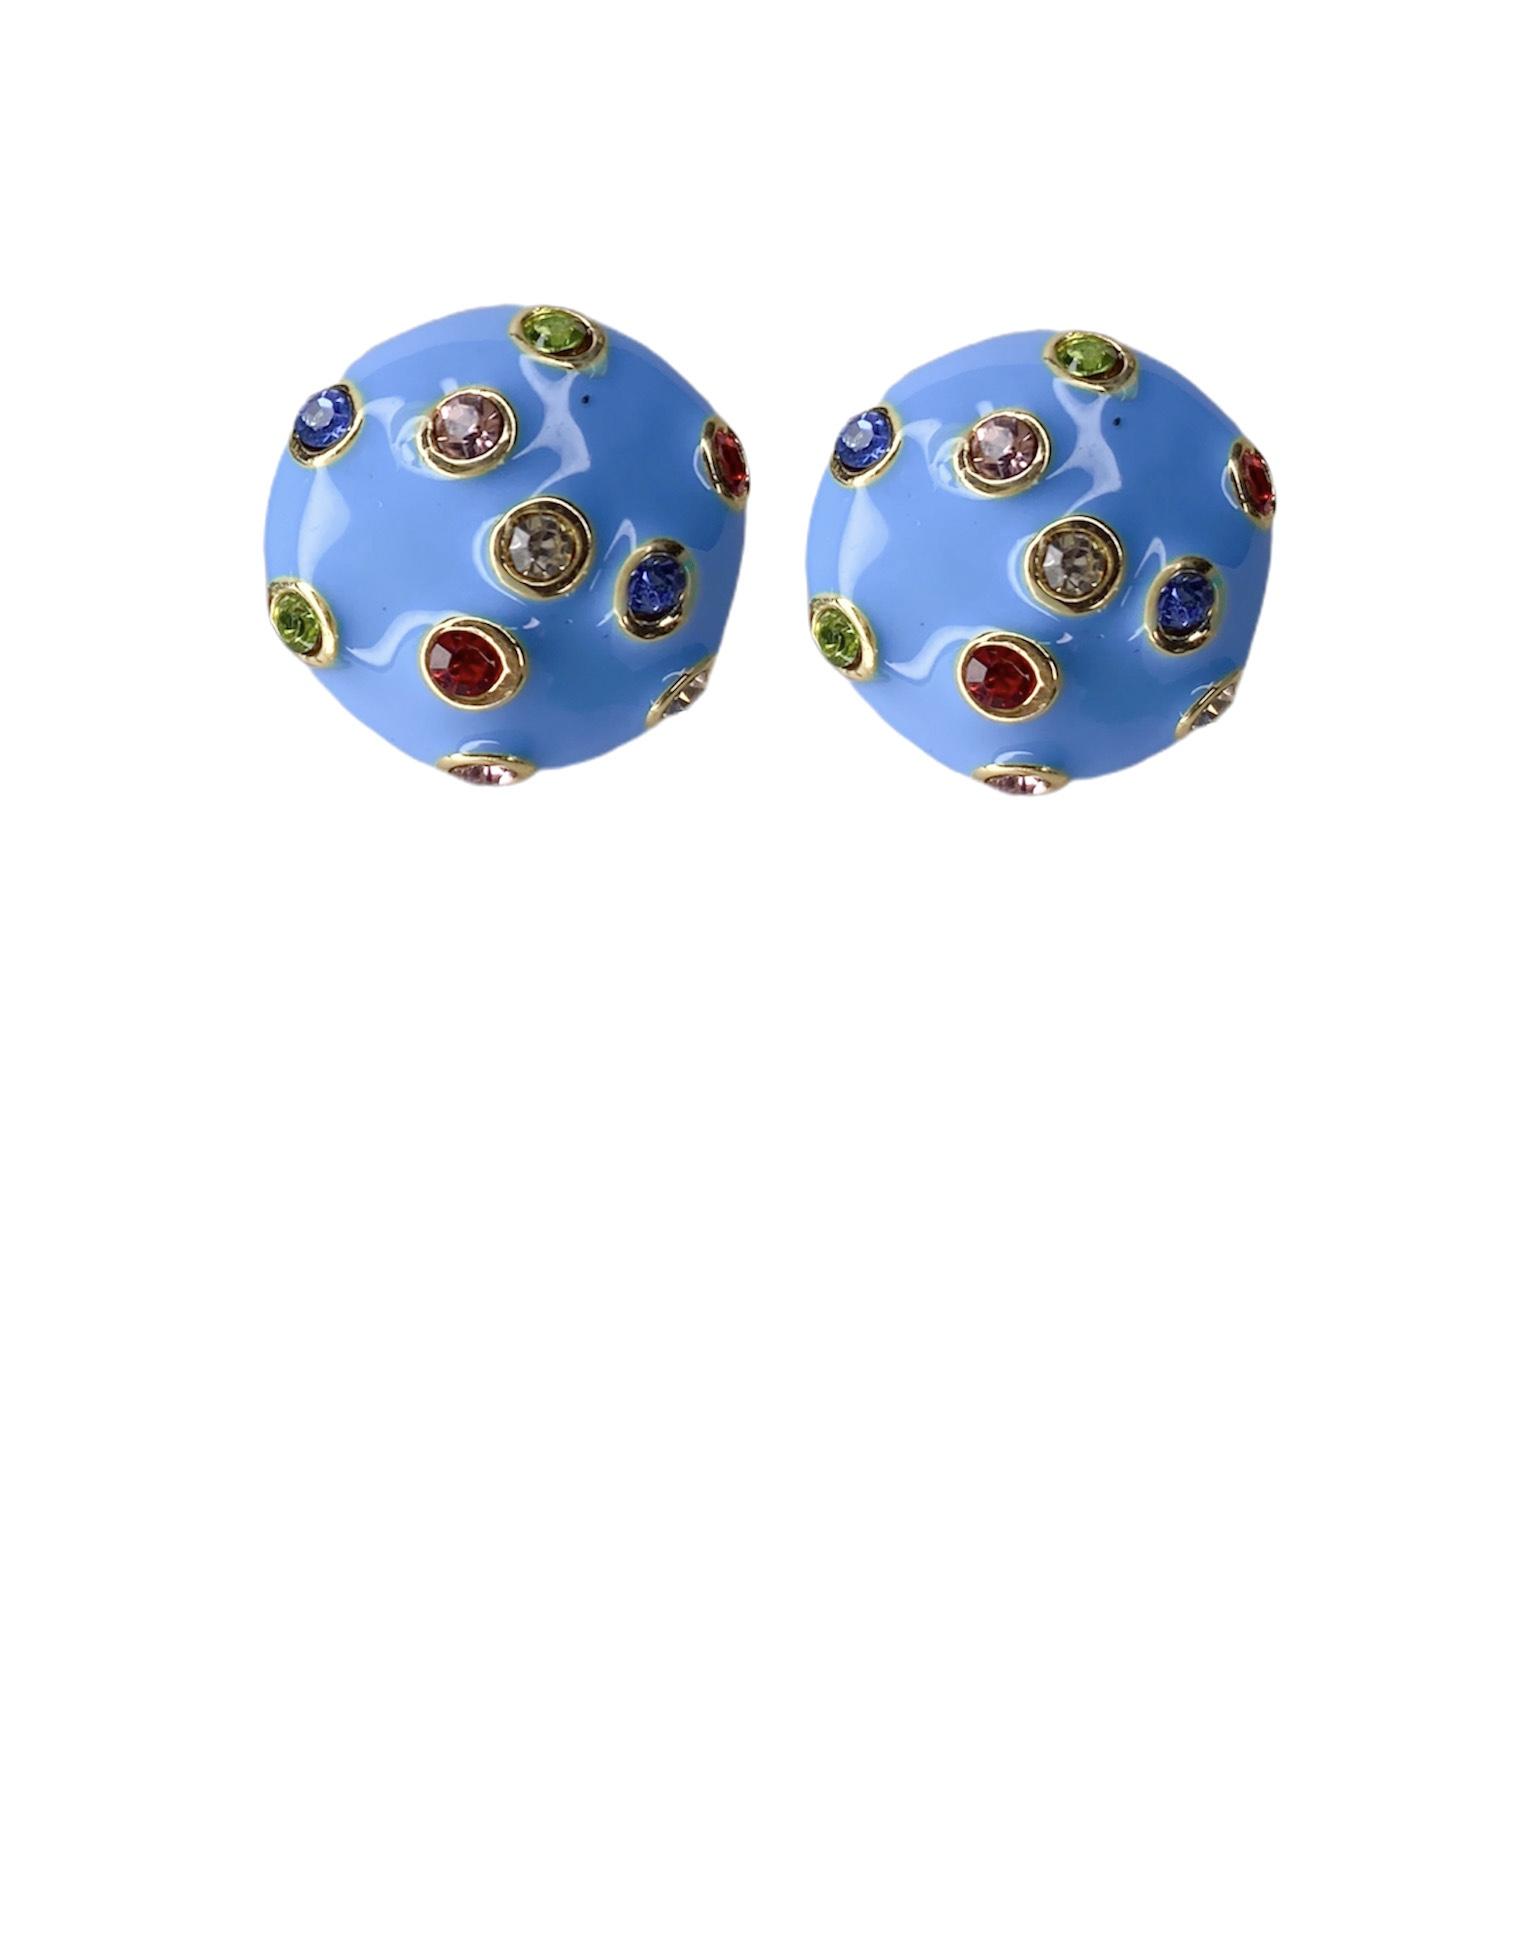 Brinco Redondo com Zirconias Coloridas - Resinado Azul Bebê